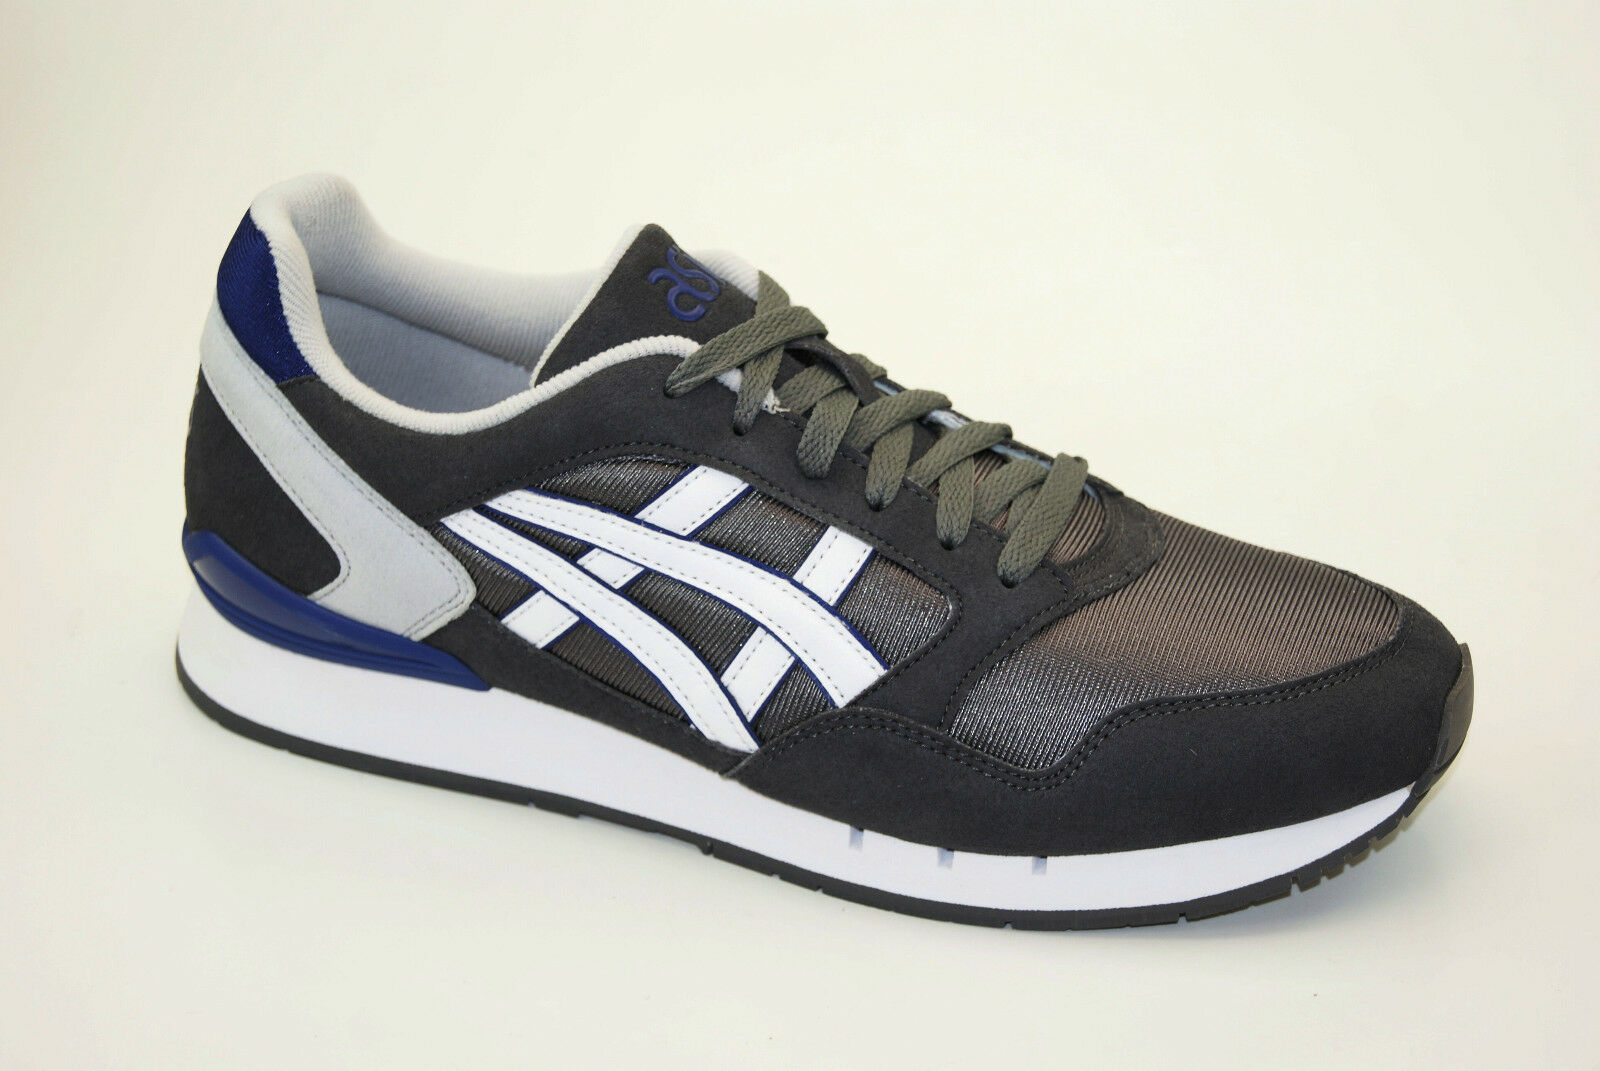 Asics Gel-Atlantis Sneakers Sportschuhe Turnschuhe Laufschuhe Schuhe H5A0N-1101